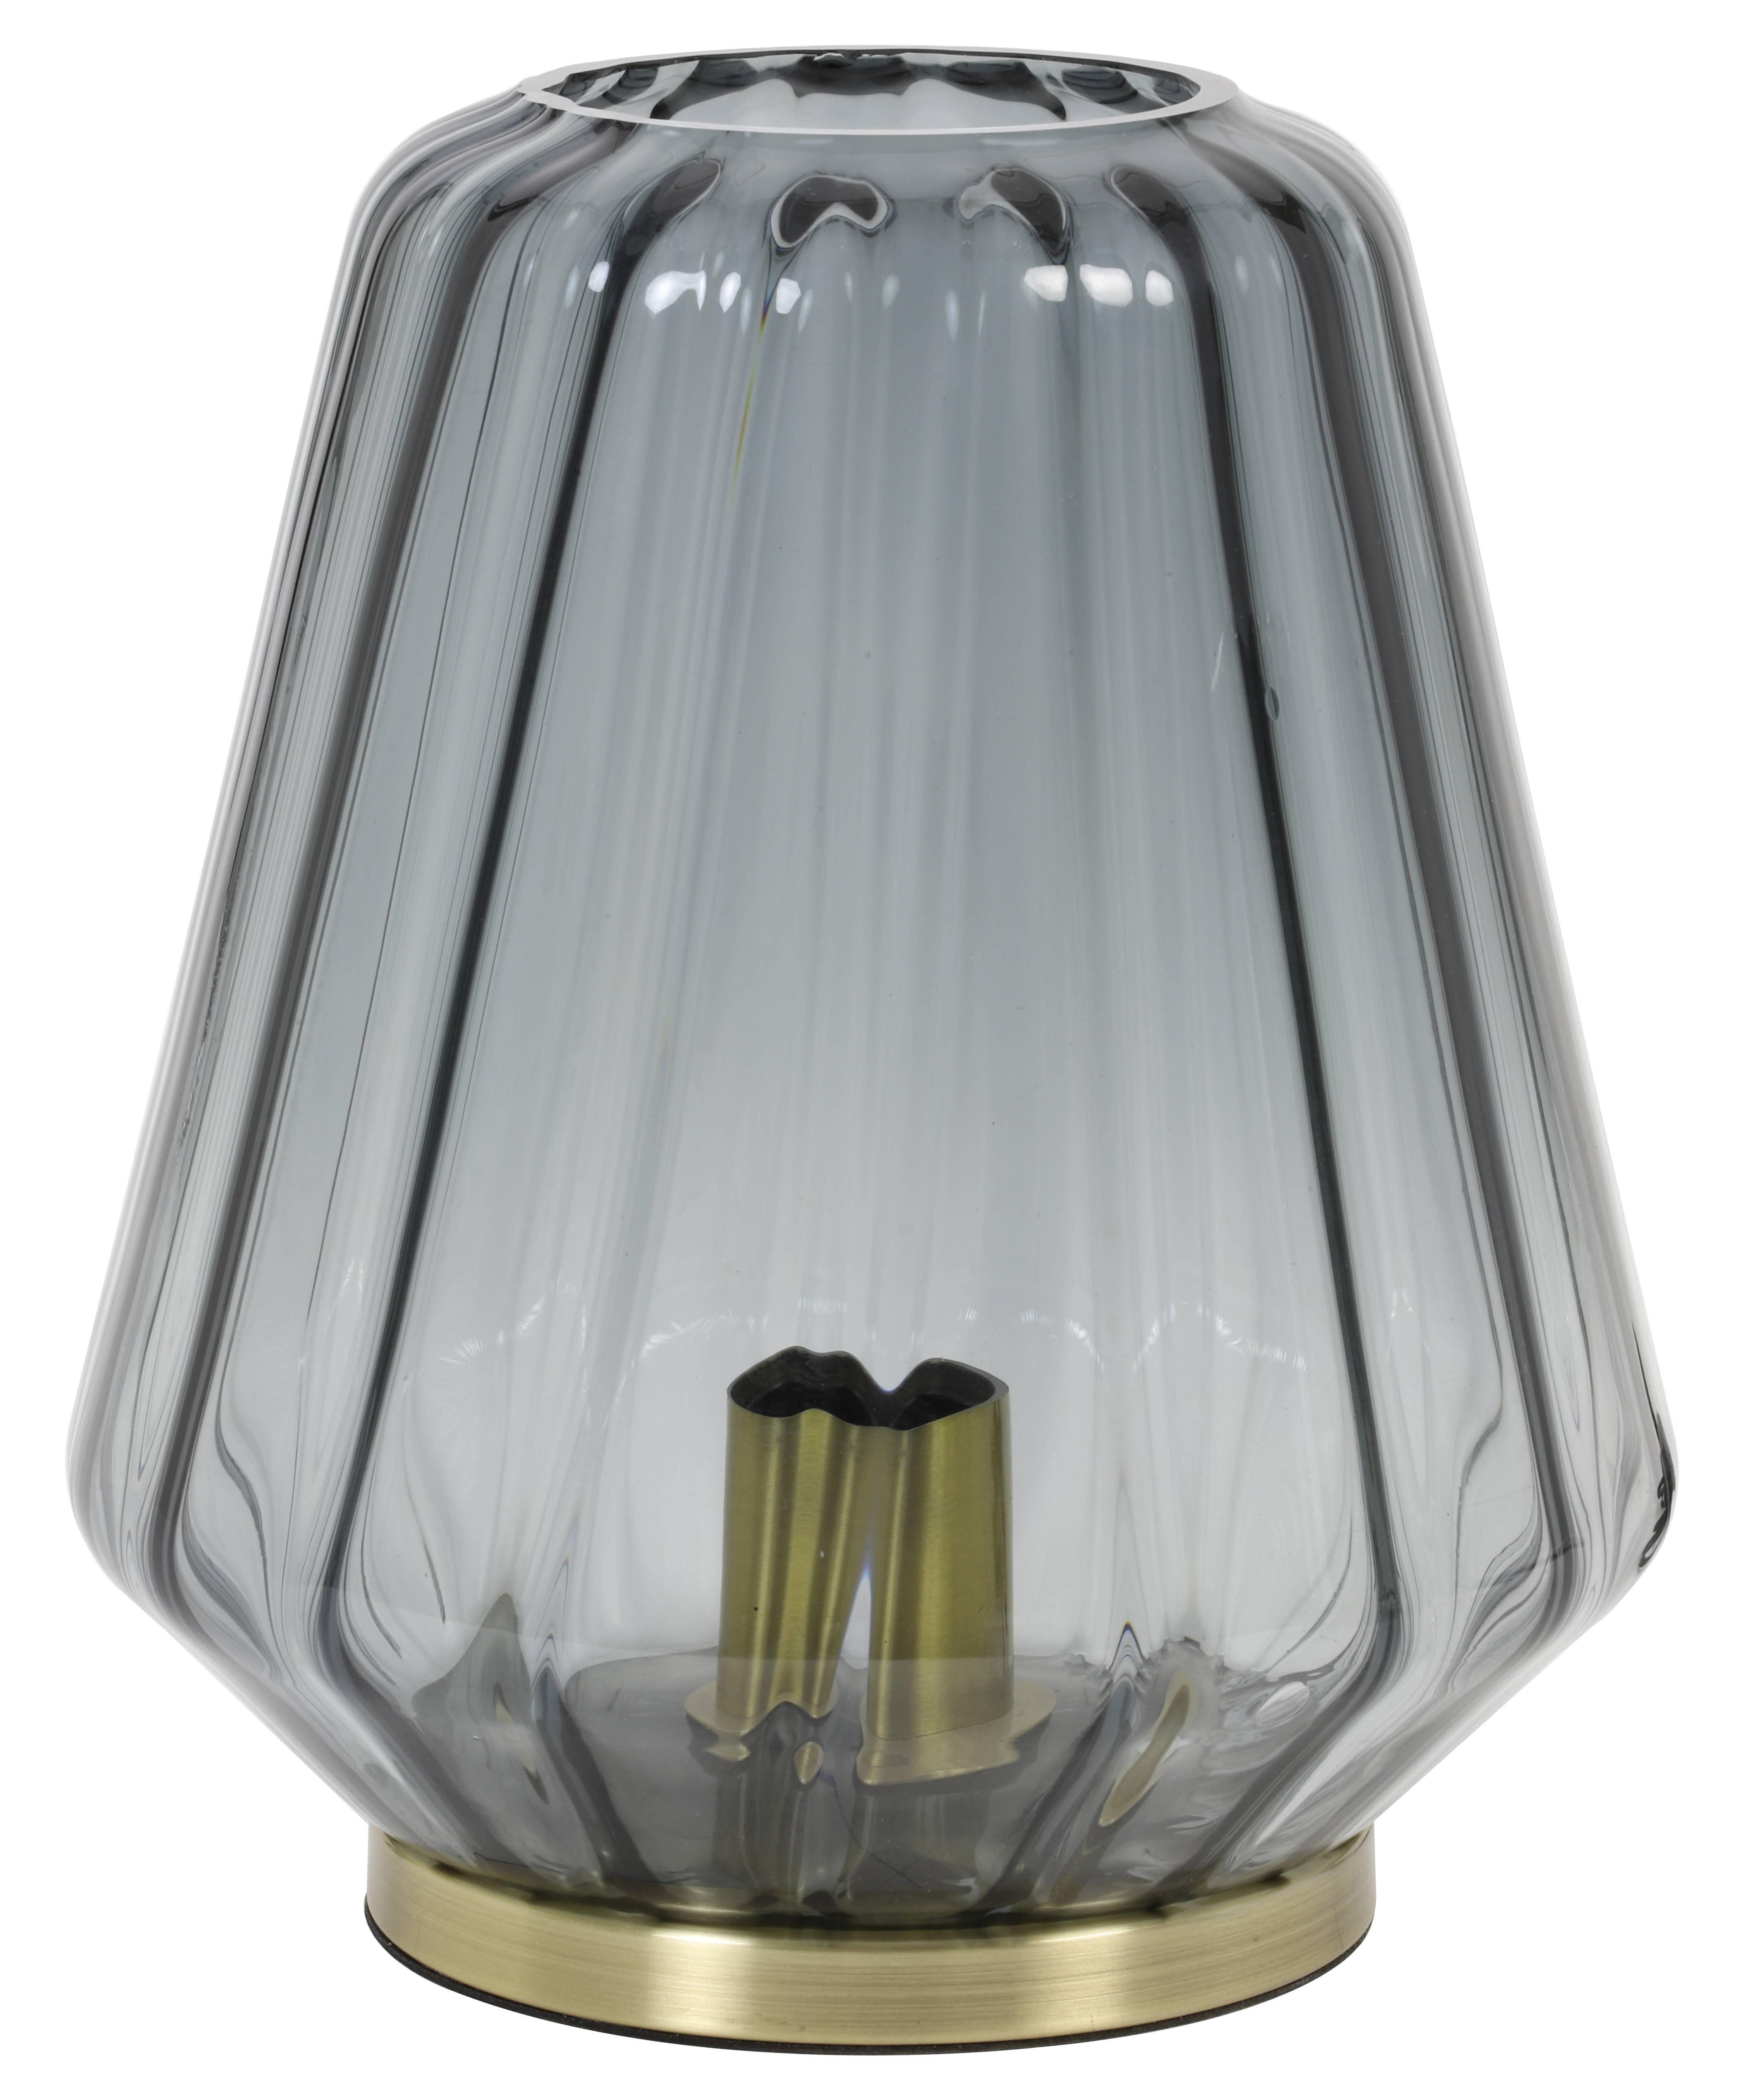 Salon 25 Eclairage Teinté Déco Art De Tendance 5x29 Et Lampe À Luminaire Poser Guido Métal En 5cm Electrique Verre 80NnPOwXk